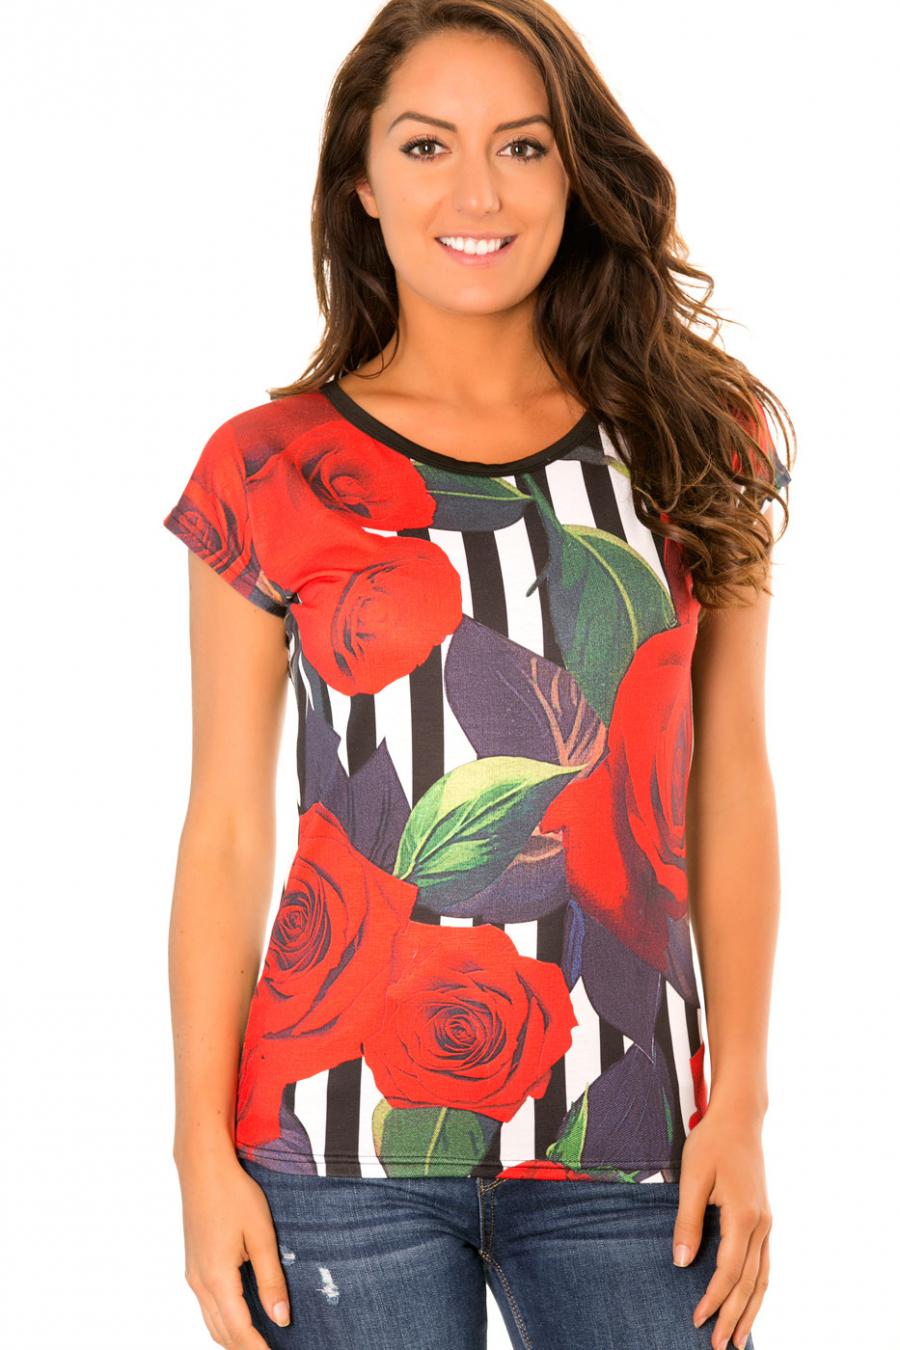 Soepel gestreept T-shirt zwart, wit met bloemenpatroon - MC1664